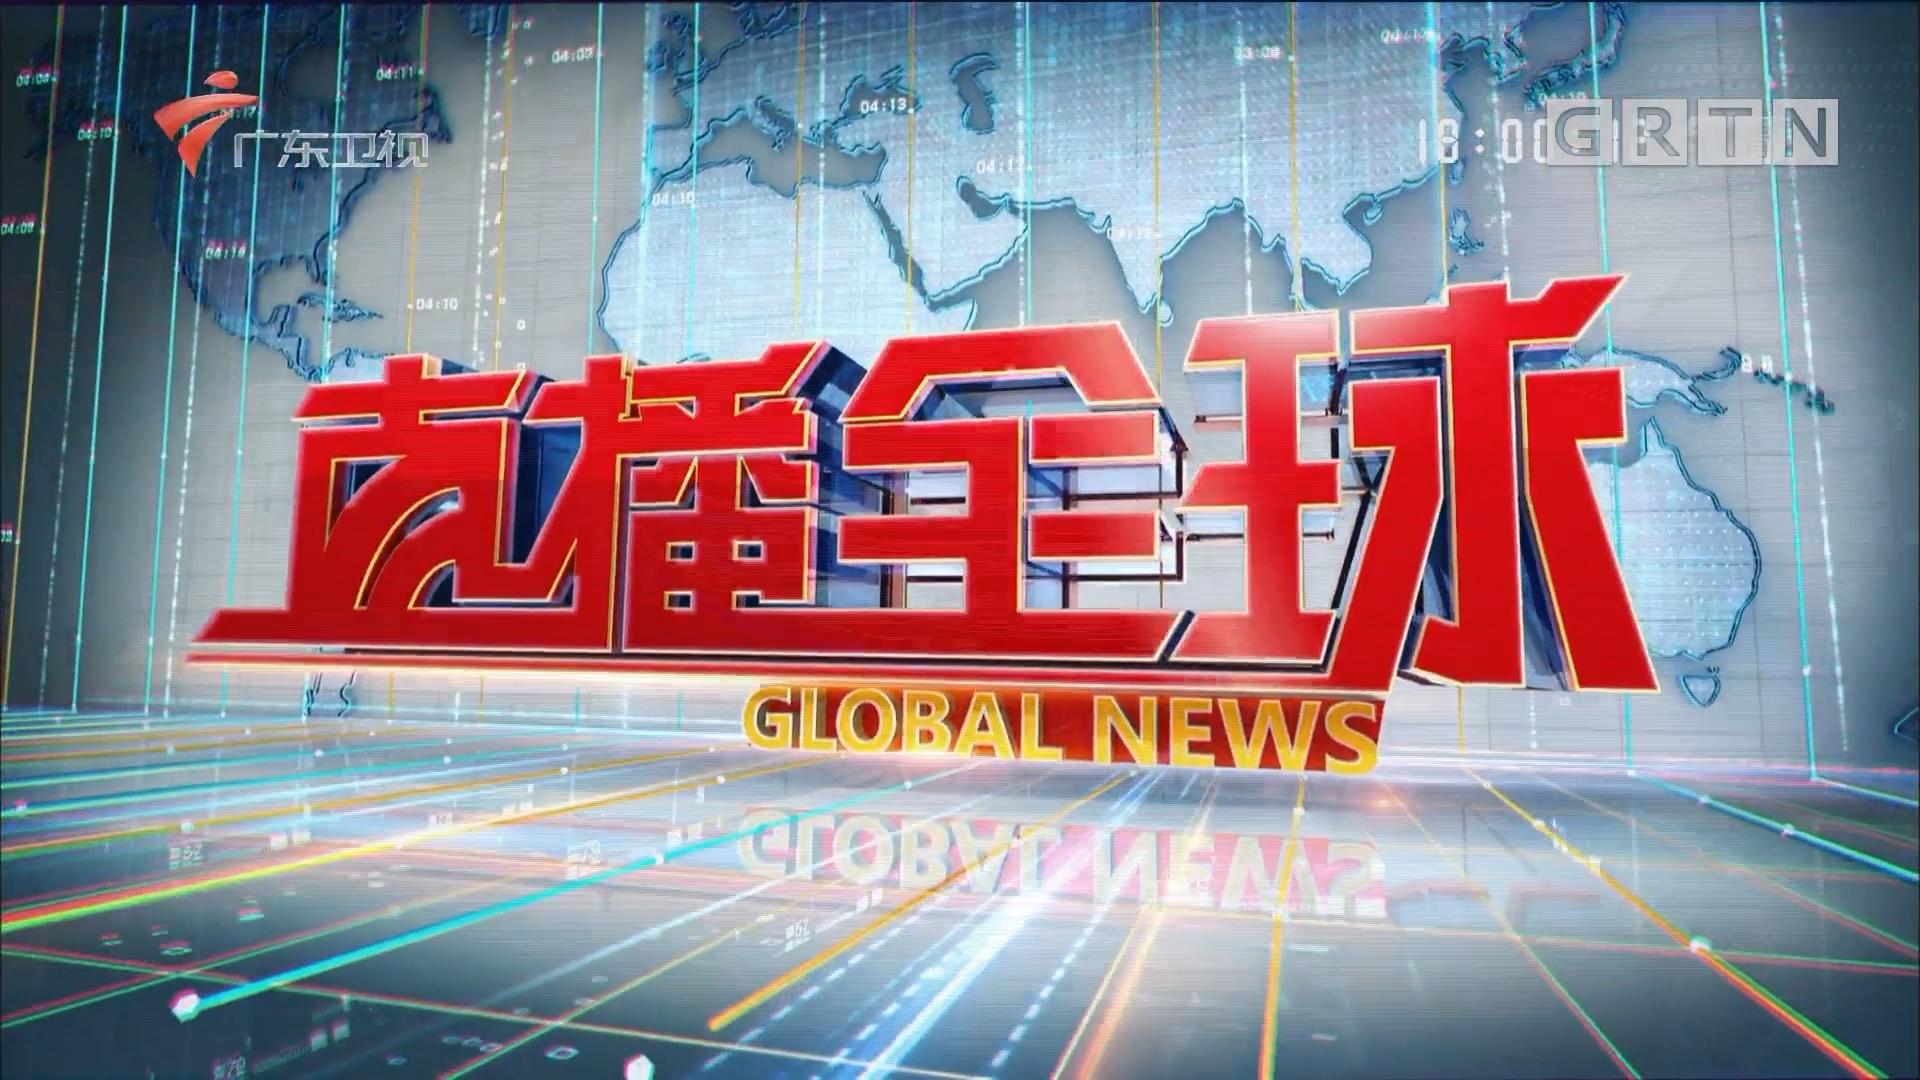 [HD][2018-04-11]直播全球:习近平博鳌论坛主旨演讲获高度评价:各国媒体争相报道